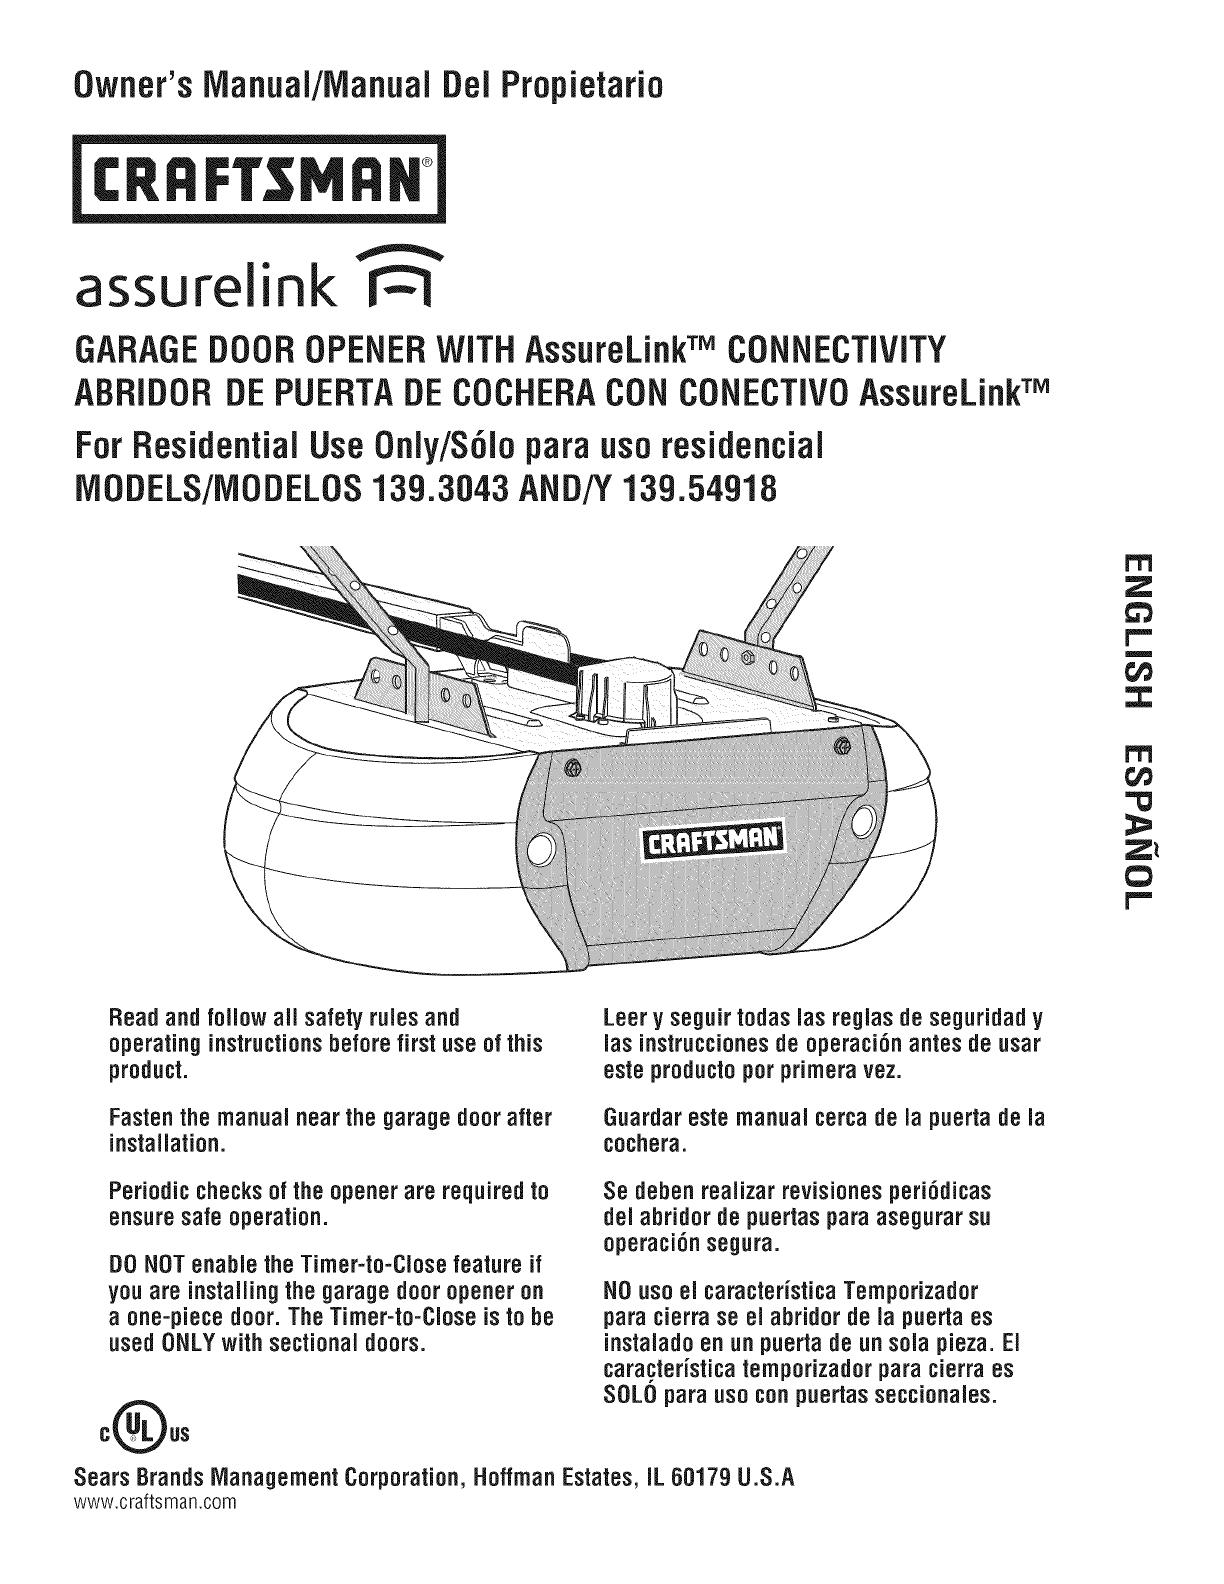 Garage Door Opener Wiring Diagram For 54918 Schematic Diagrams Overhead Craftsman 13954918 1405207l User Manual Manuals Commercial